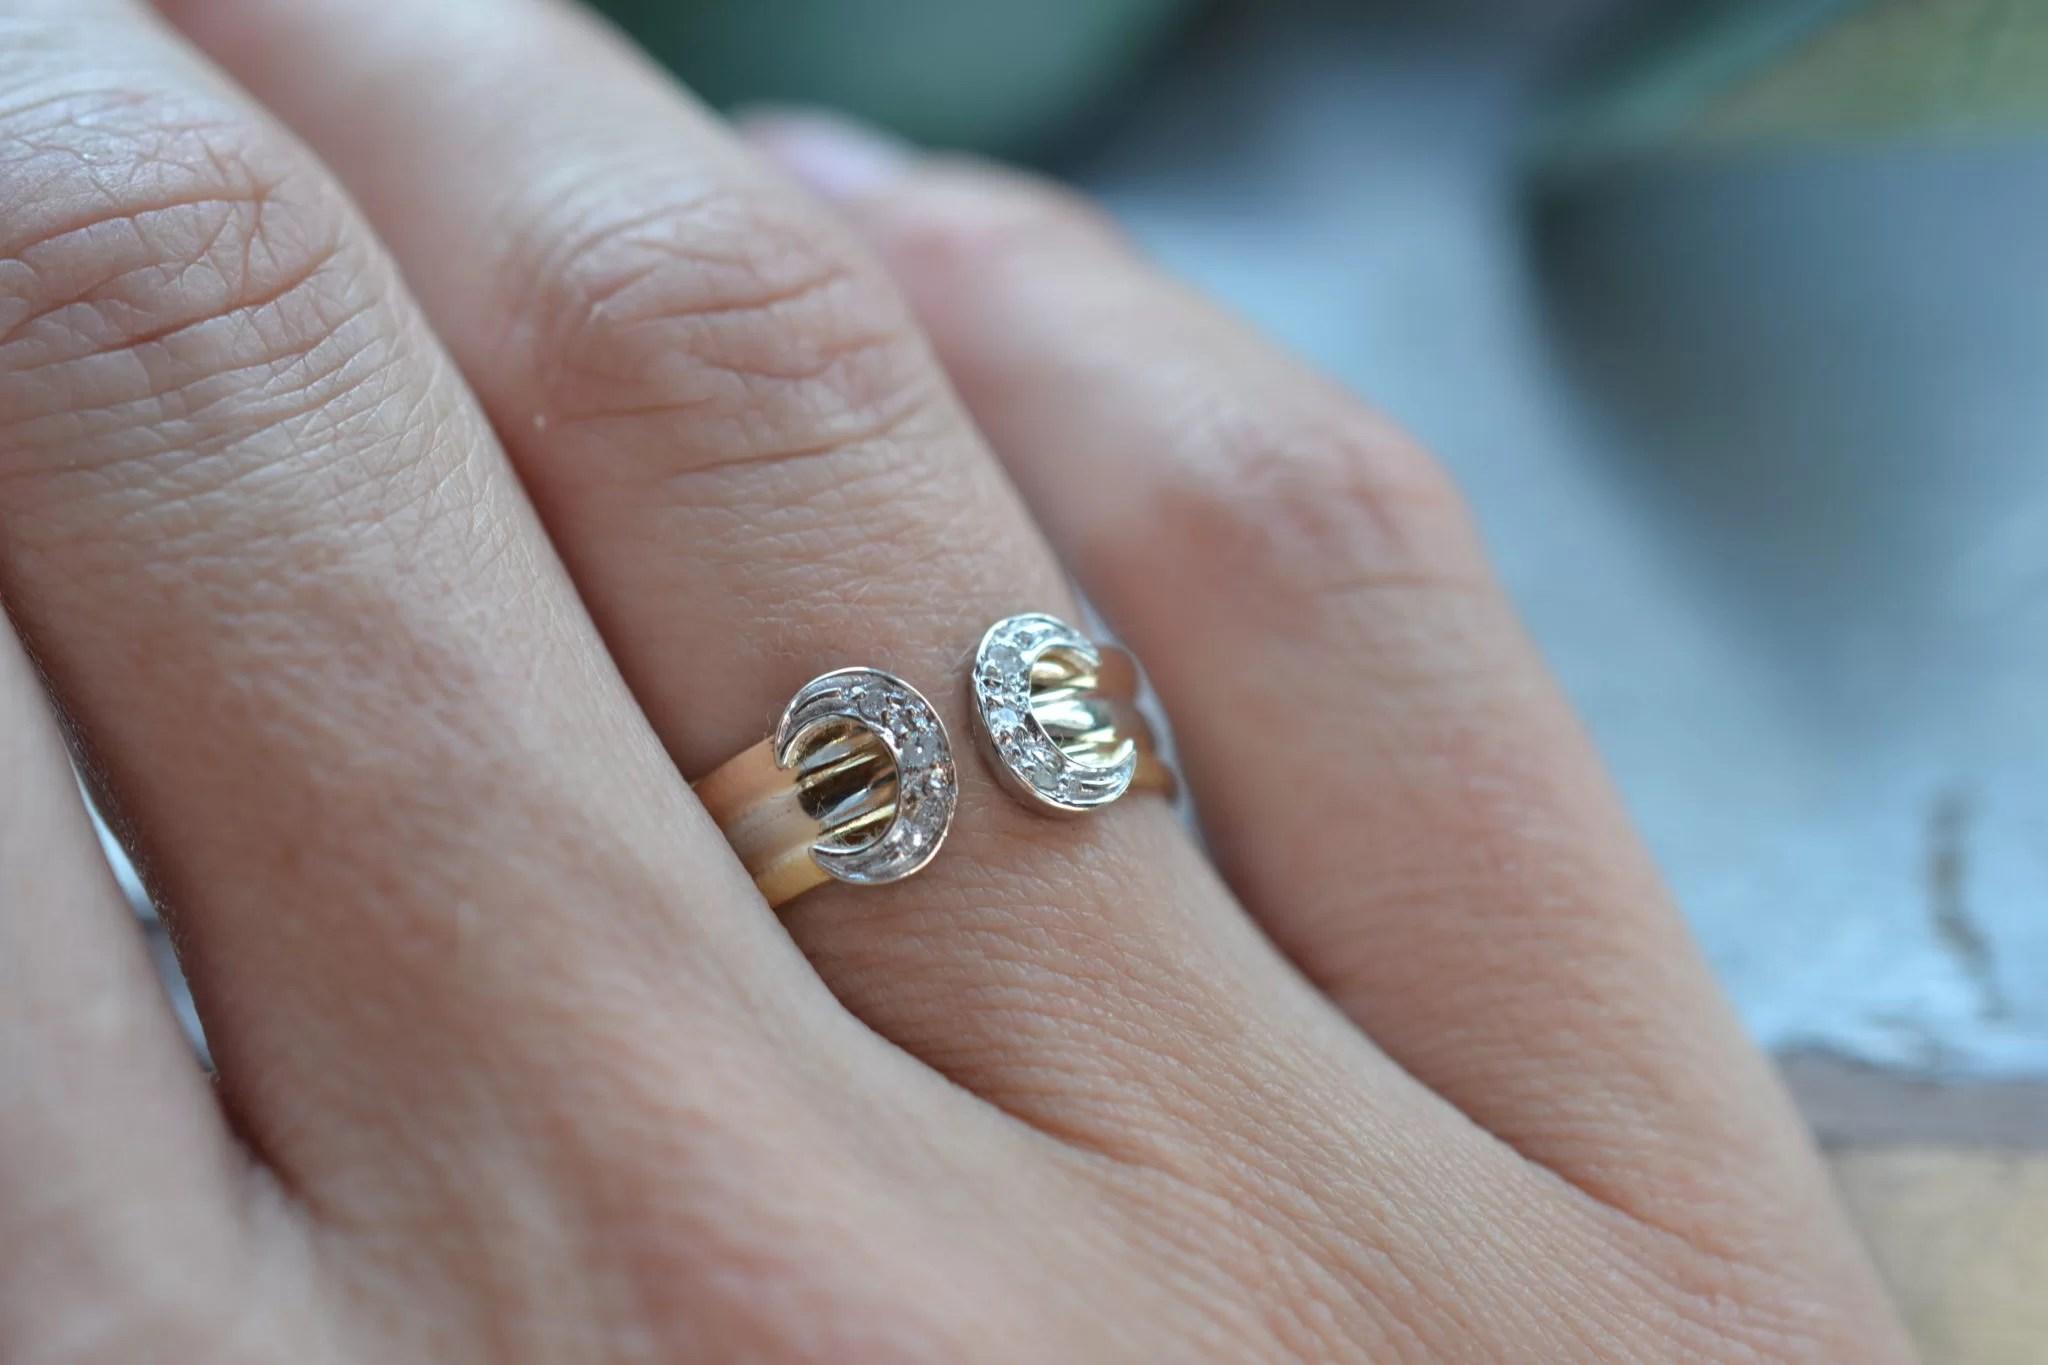 Bague fer à cheval façon cartier petites roses de diamants - bijoux en OR 18 carats - bijoux luxe